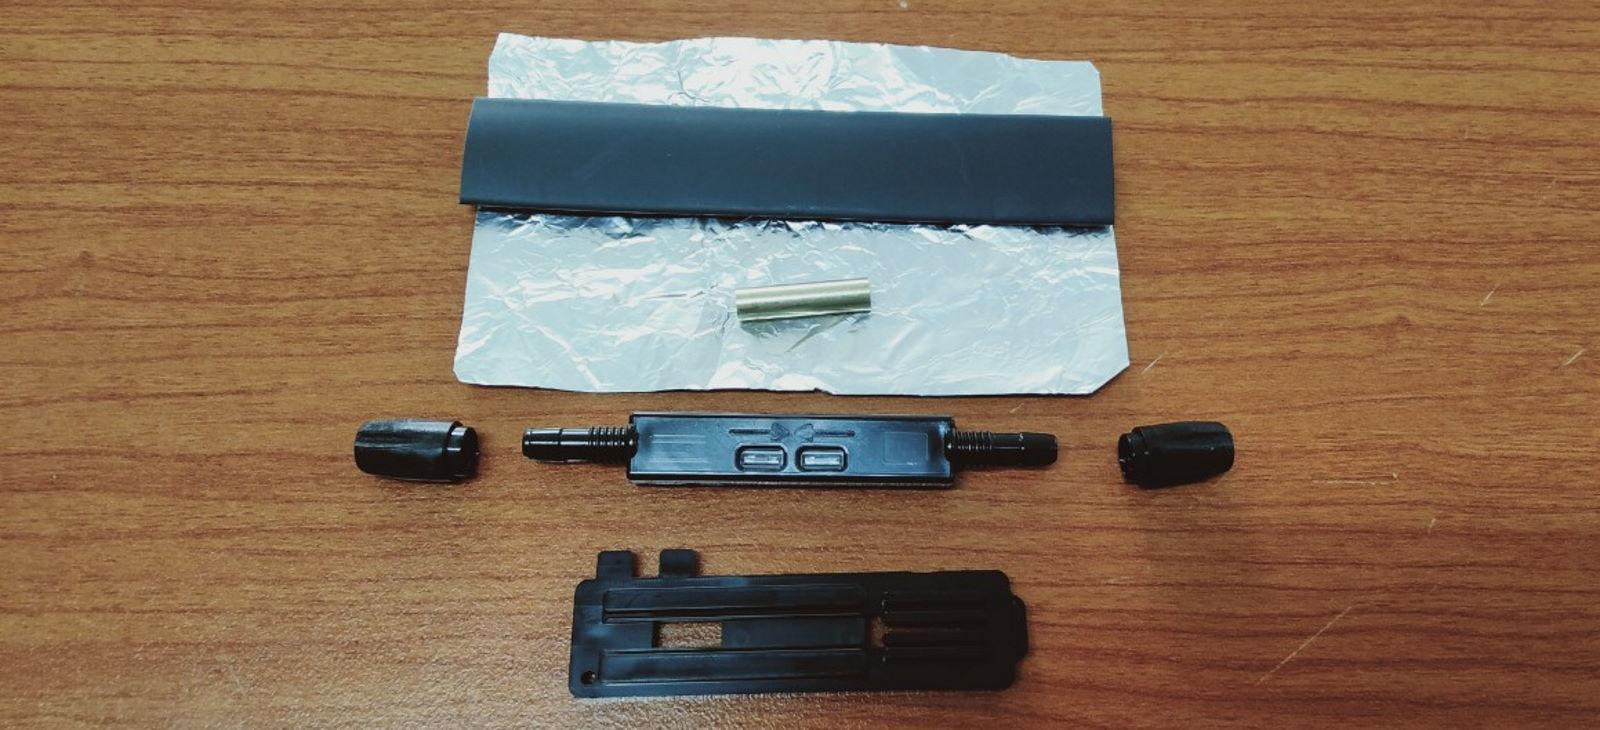 Rệp nối cáp quang BroField MS309 - bli.com.vn